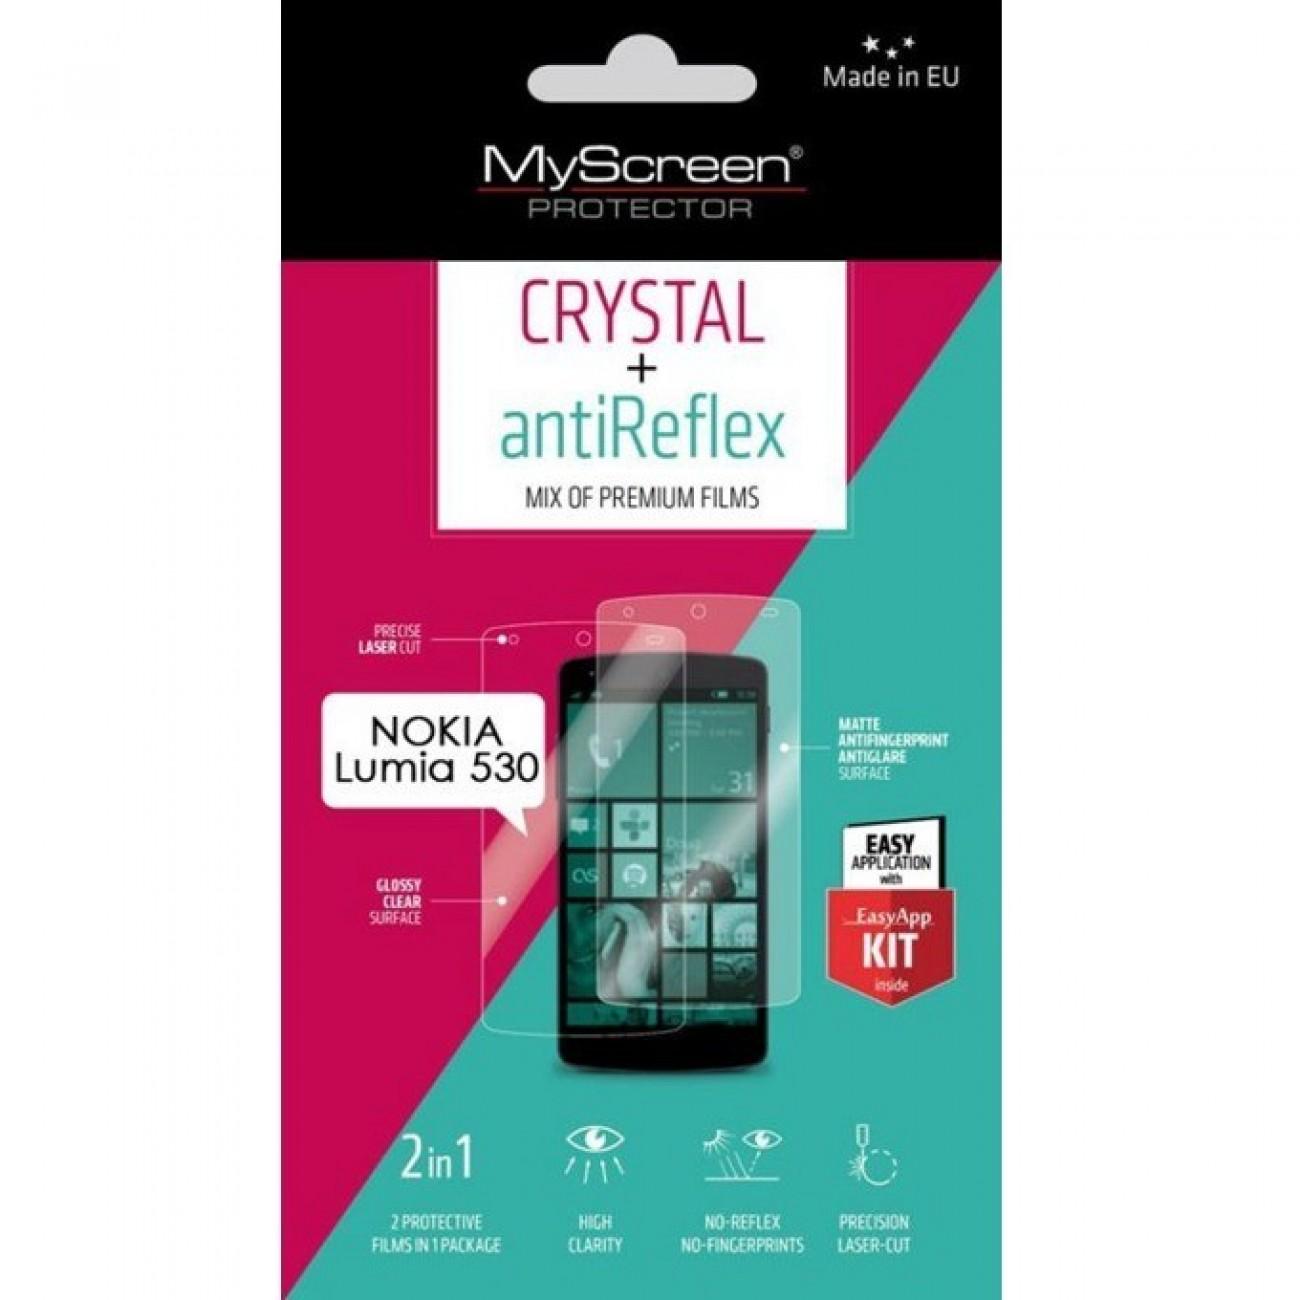 Протектор от закалено стъкло /Tempered Glass/ My Screen Protector, за Nokia Lumia 530, с Anti-Glare фолио в Защитно фолио - My Screen Protector | Alleop